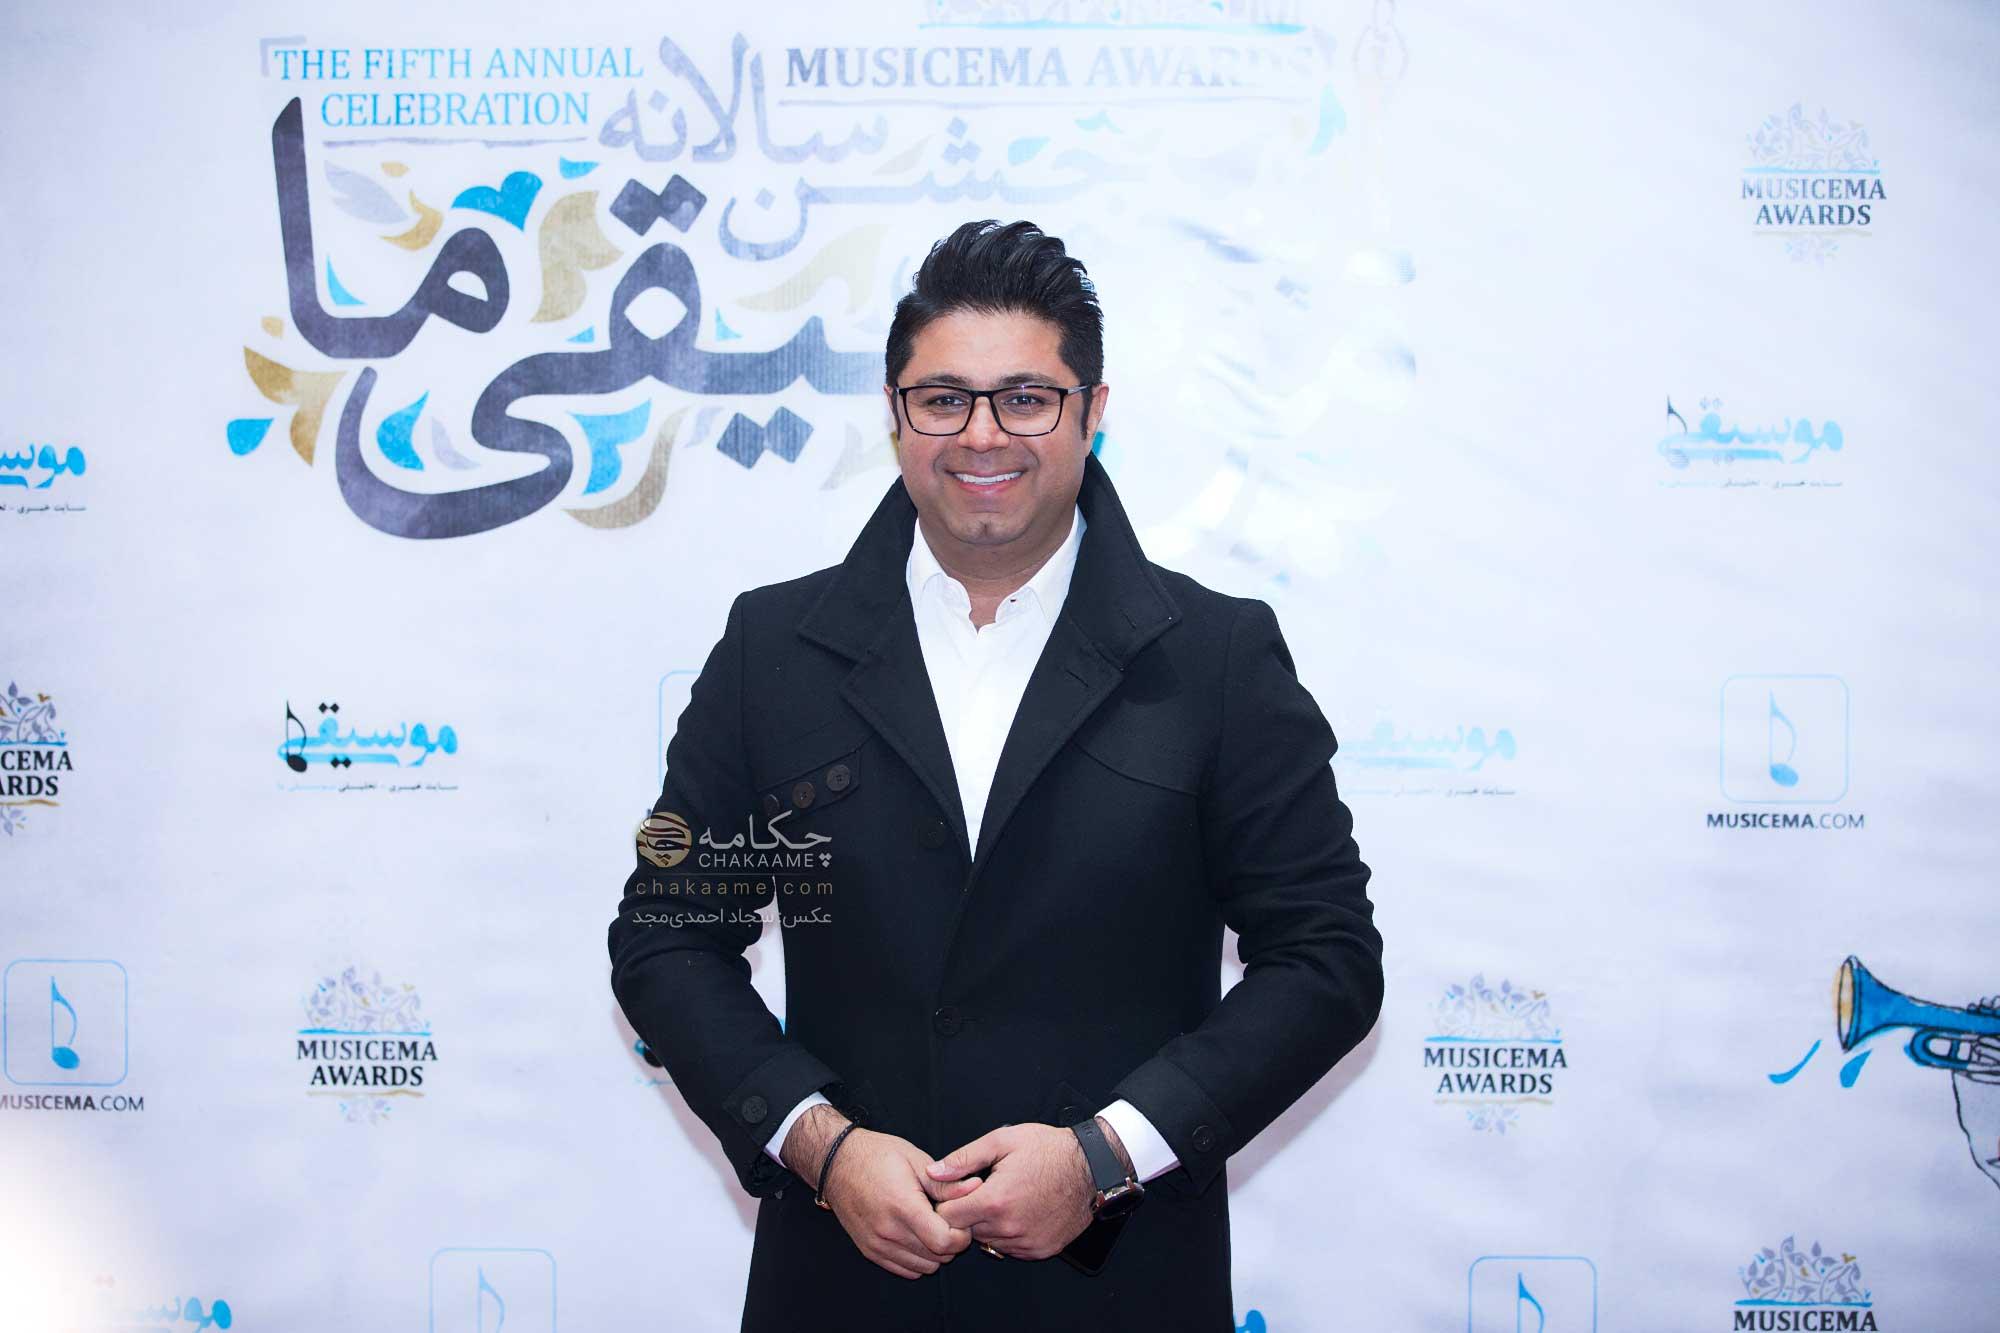 حجت اشرف زاده - پنجمین جشن سالانه موسیقی ما